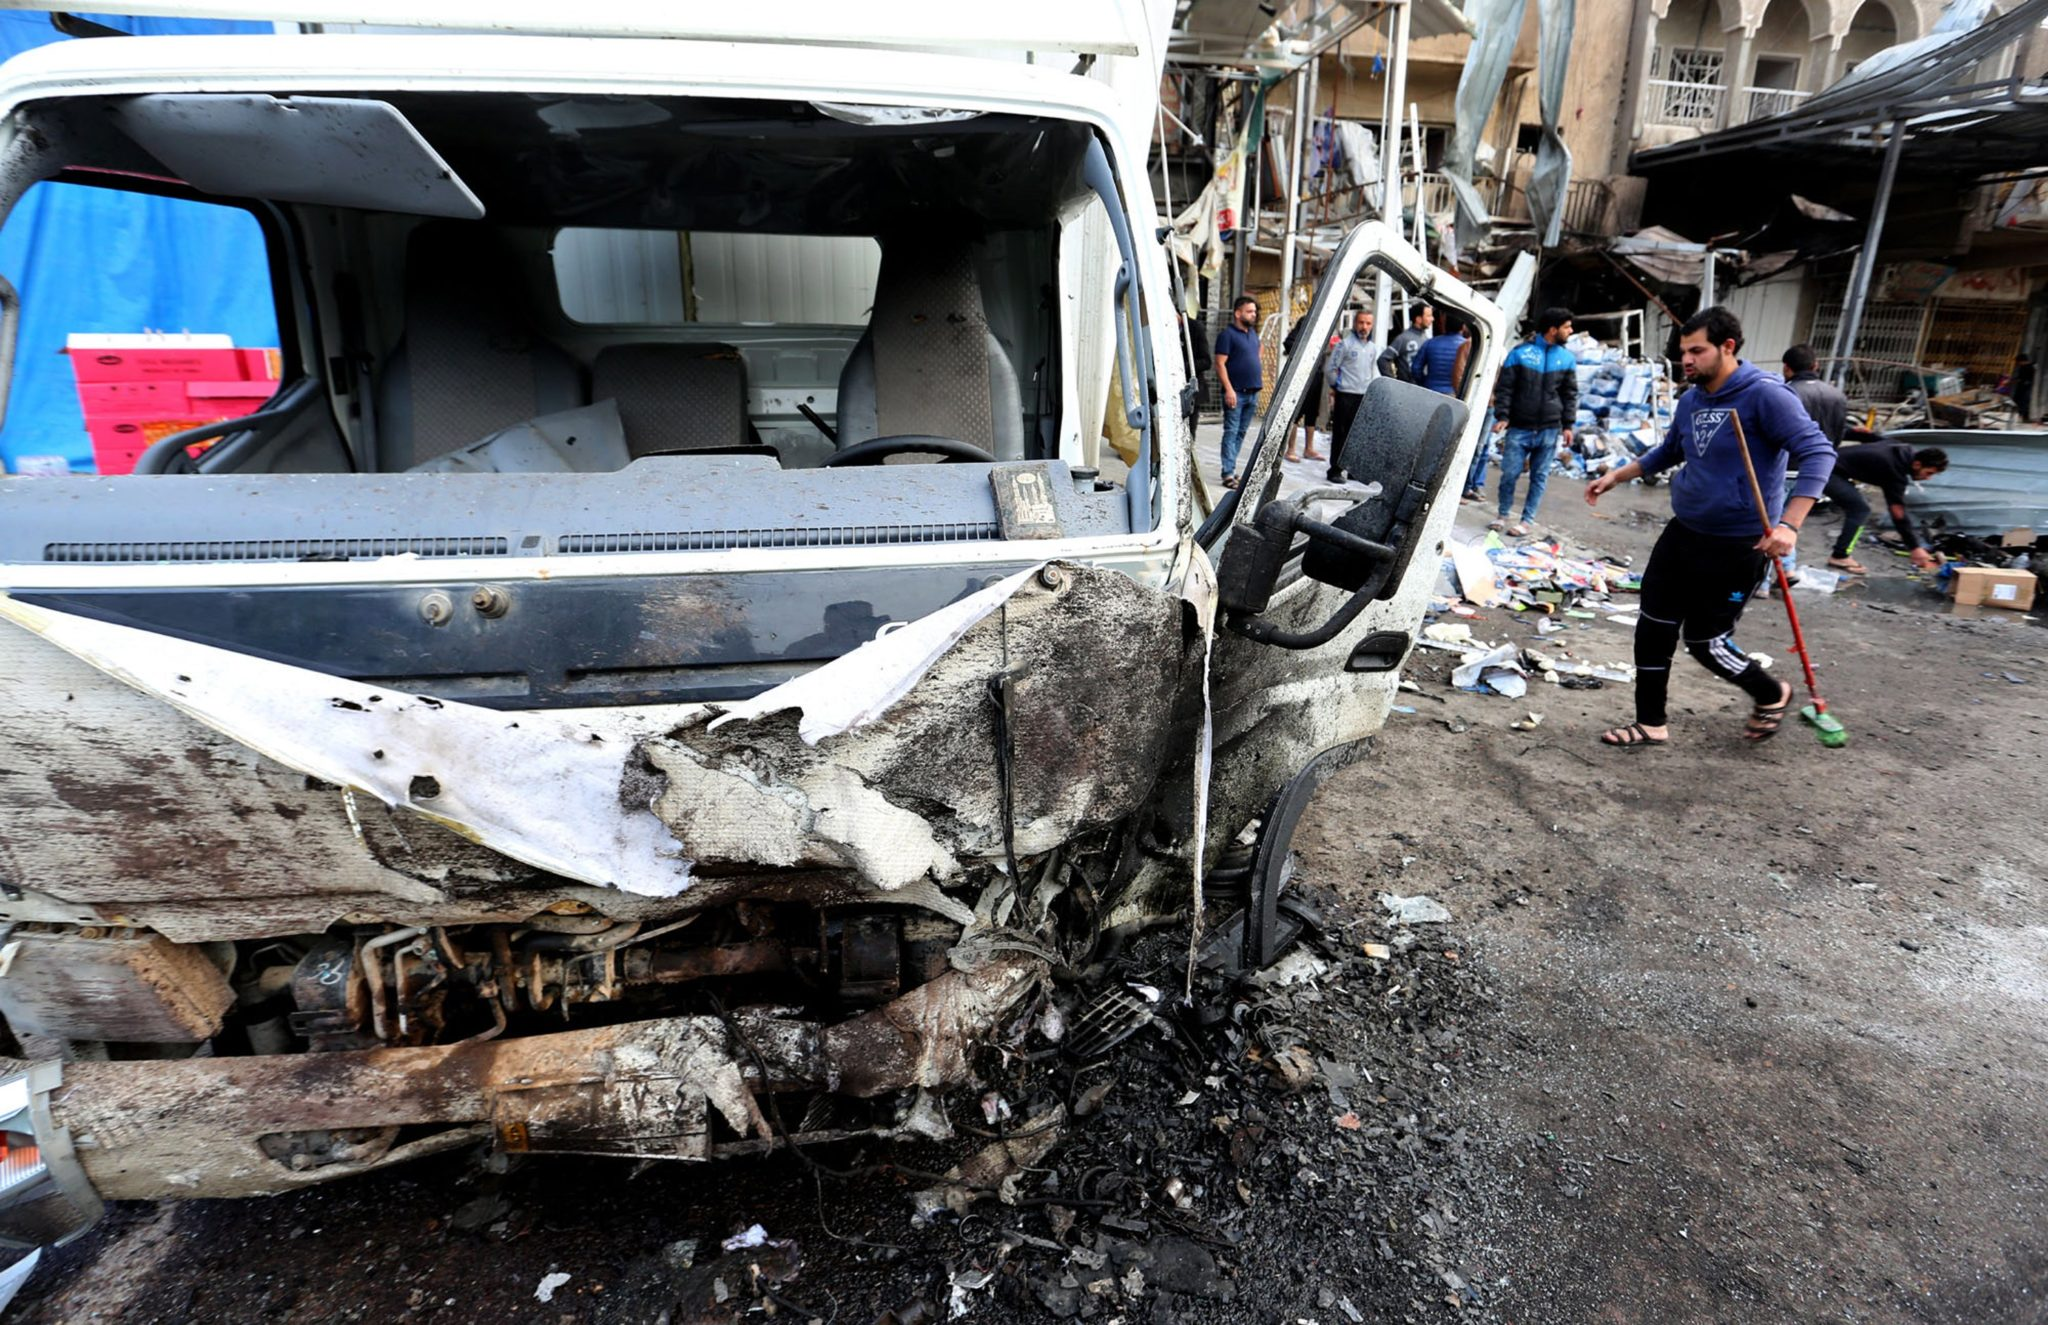 Irak: wybuch bomby w dystrykcie Amil, w wyniku zamachy zginęły 23 osoby, a 30 zostało rannych (foto. PAP/EPA/ALI ABBAS)